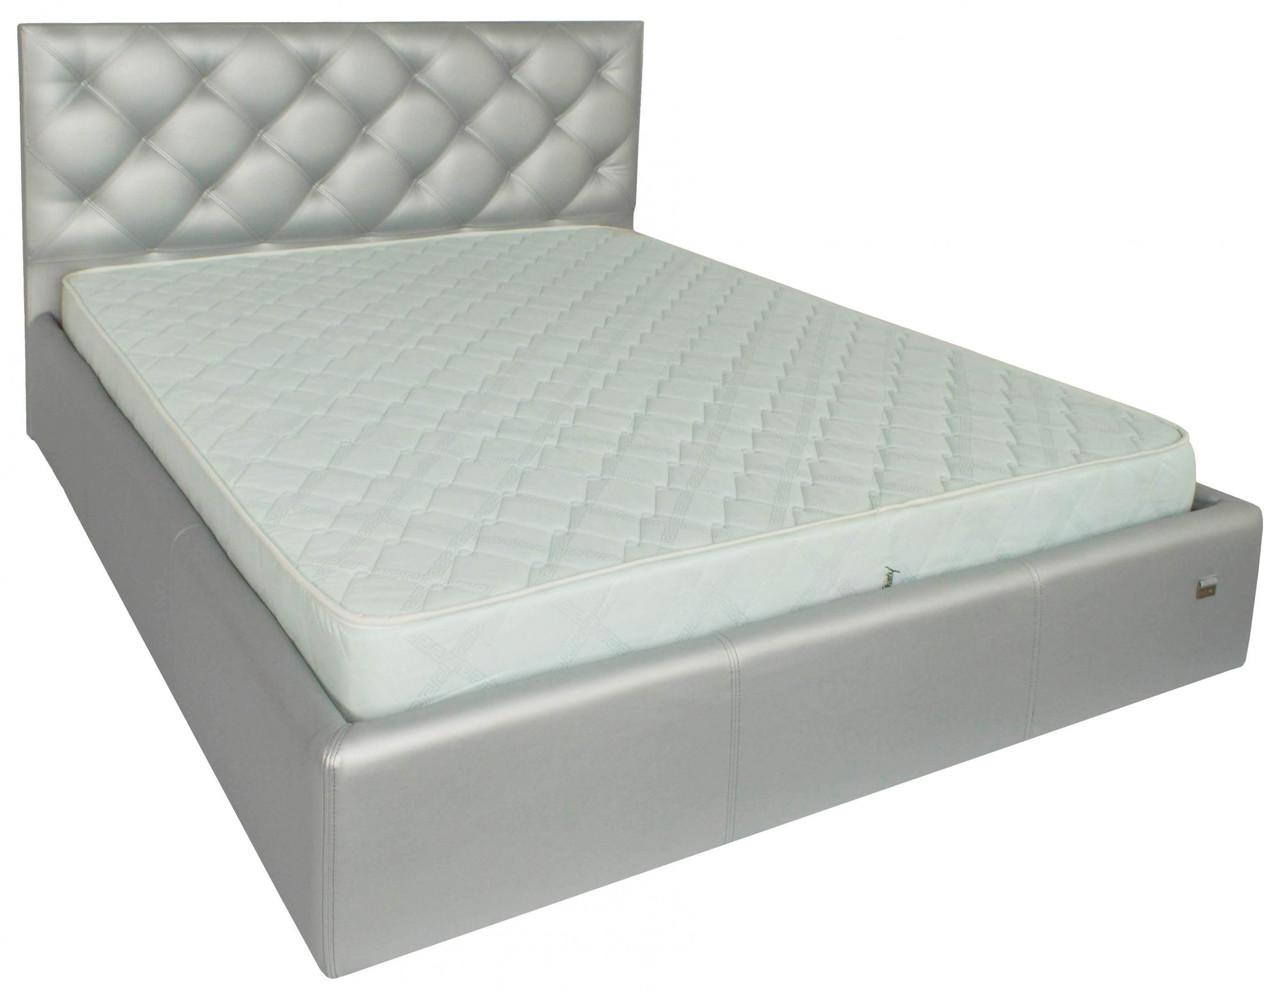 Ліжко Bristol Standart 120 х 190 см Zeus Deluxe Silver Срібляста